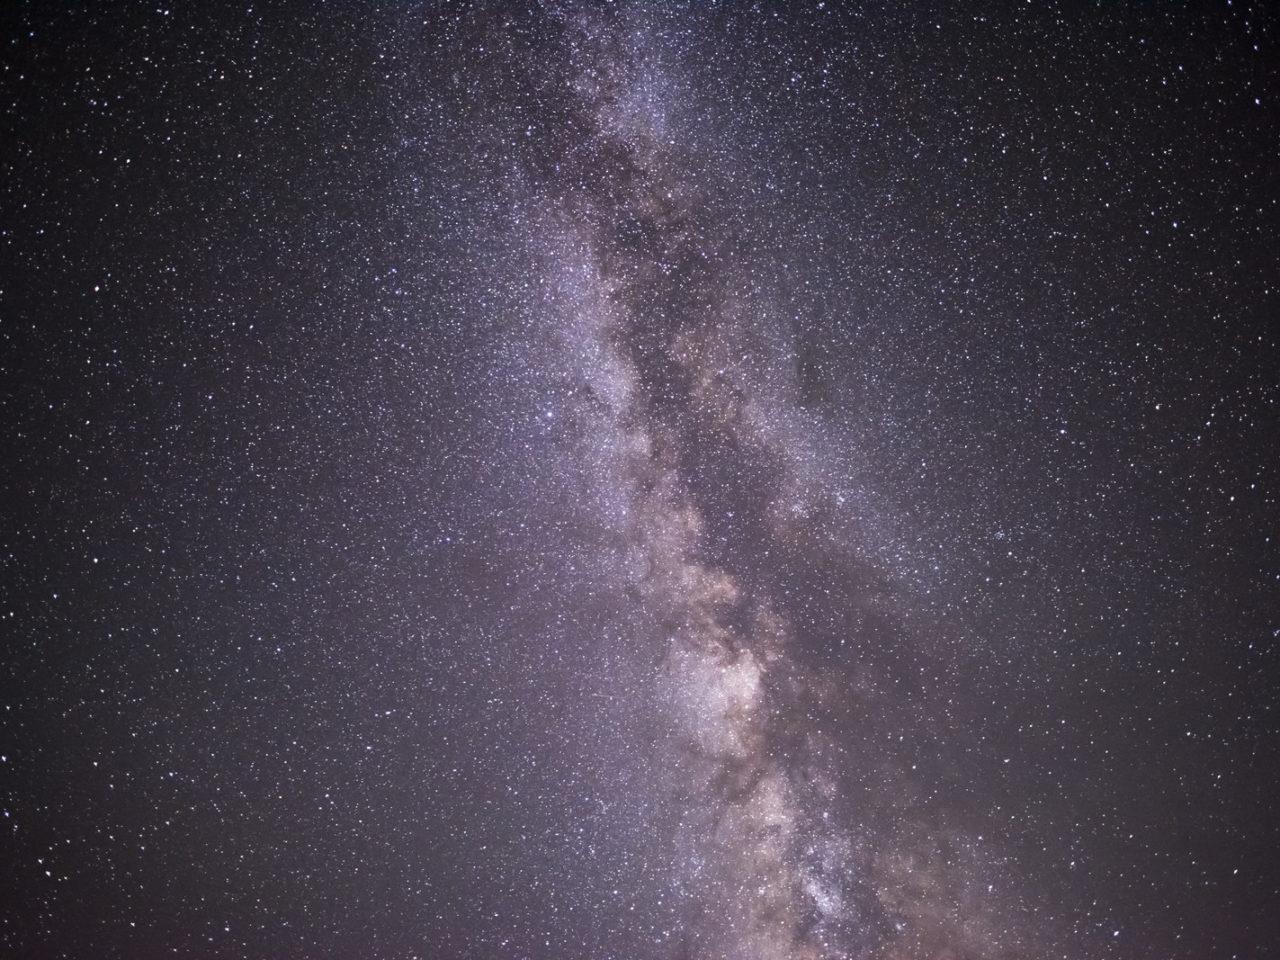 星&スターの特殊文字&記号コピーツール!月や六芒星&天体も!可愛い特殊文字を気軽に使おう!のサムネイル画像